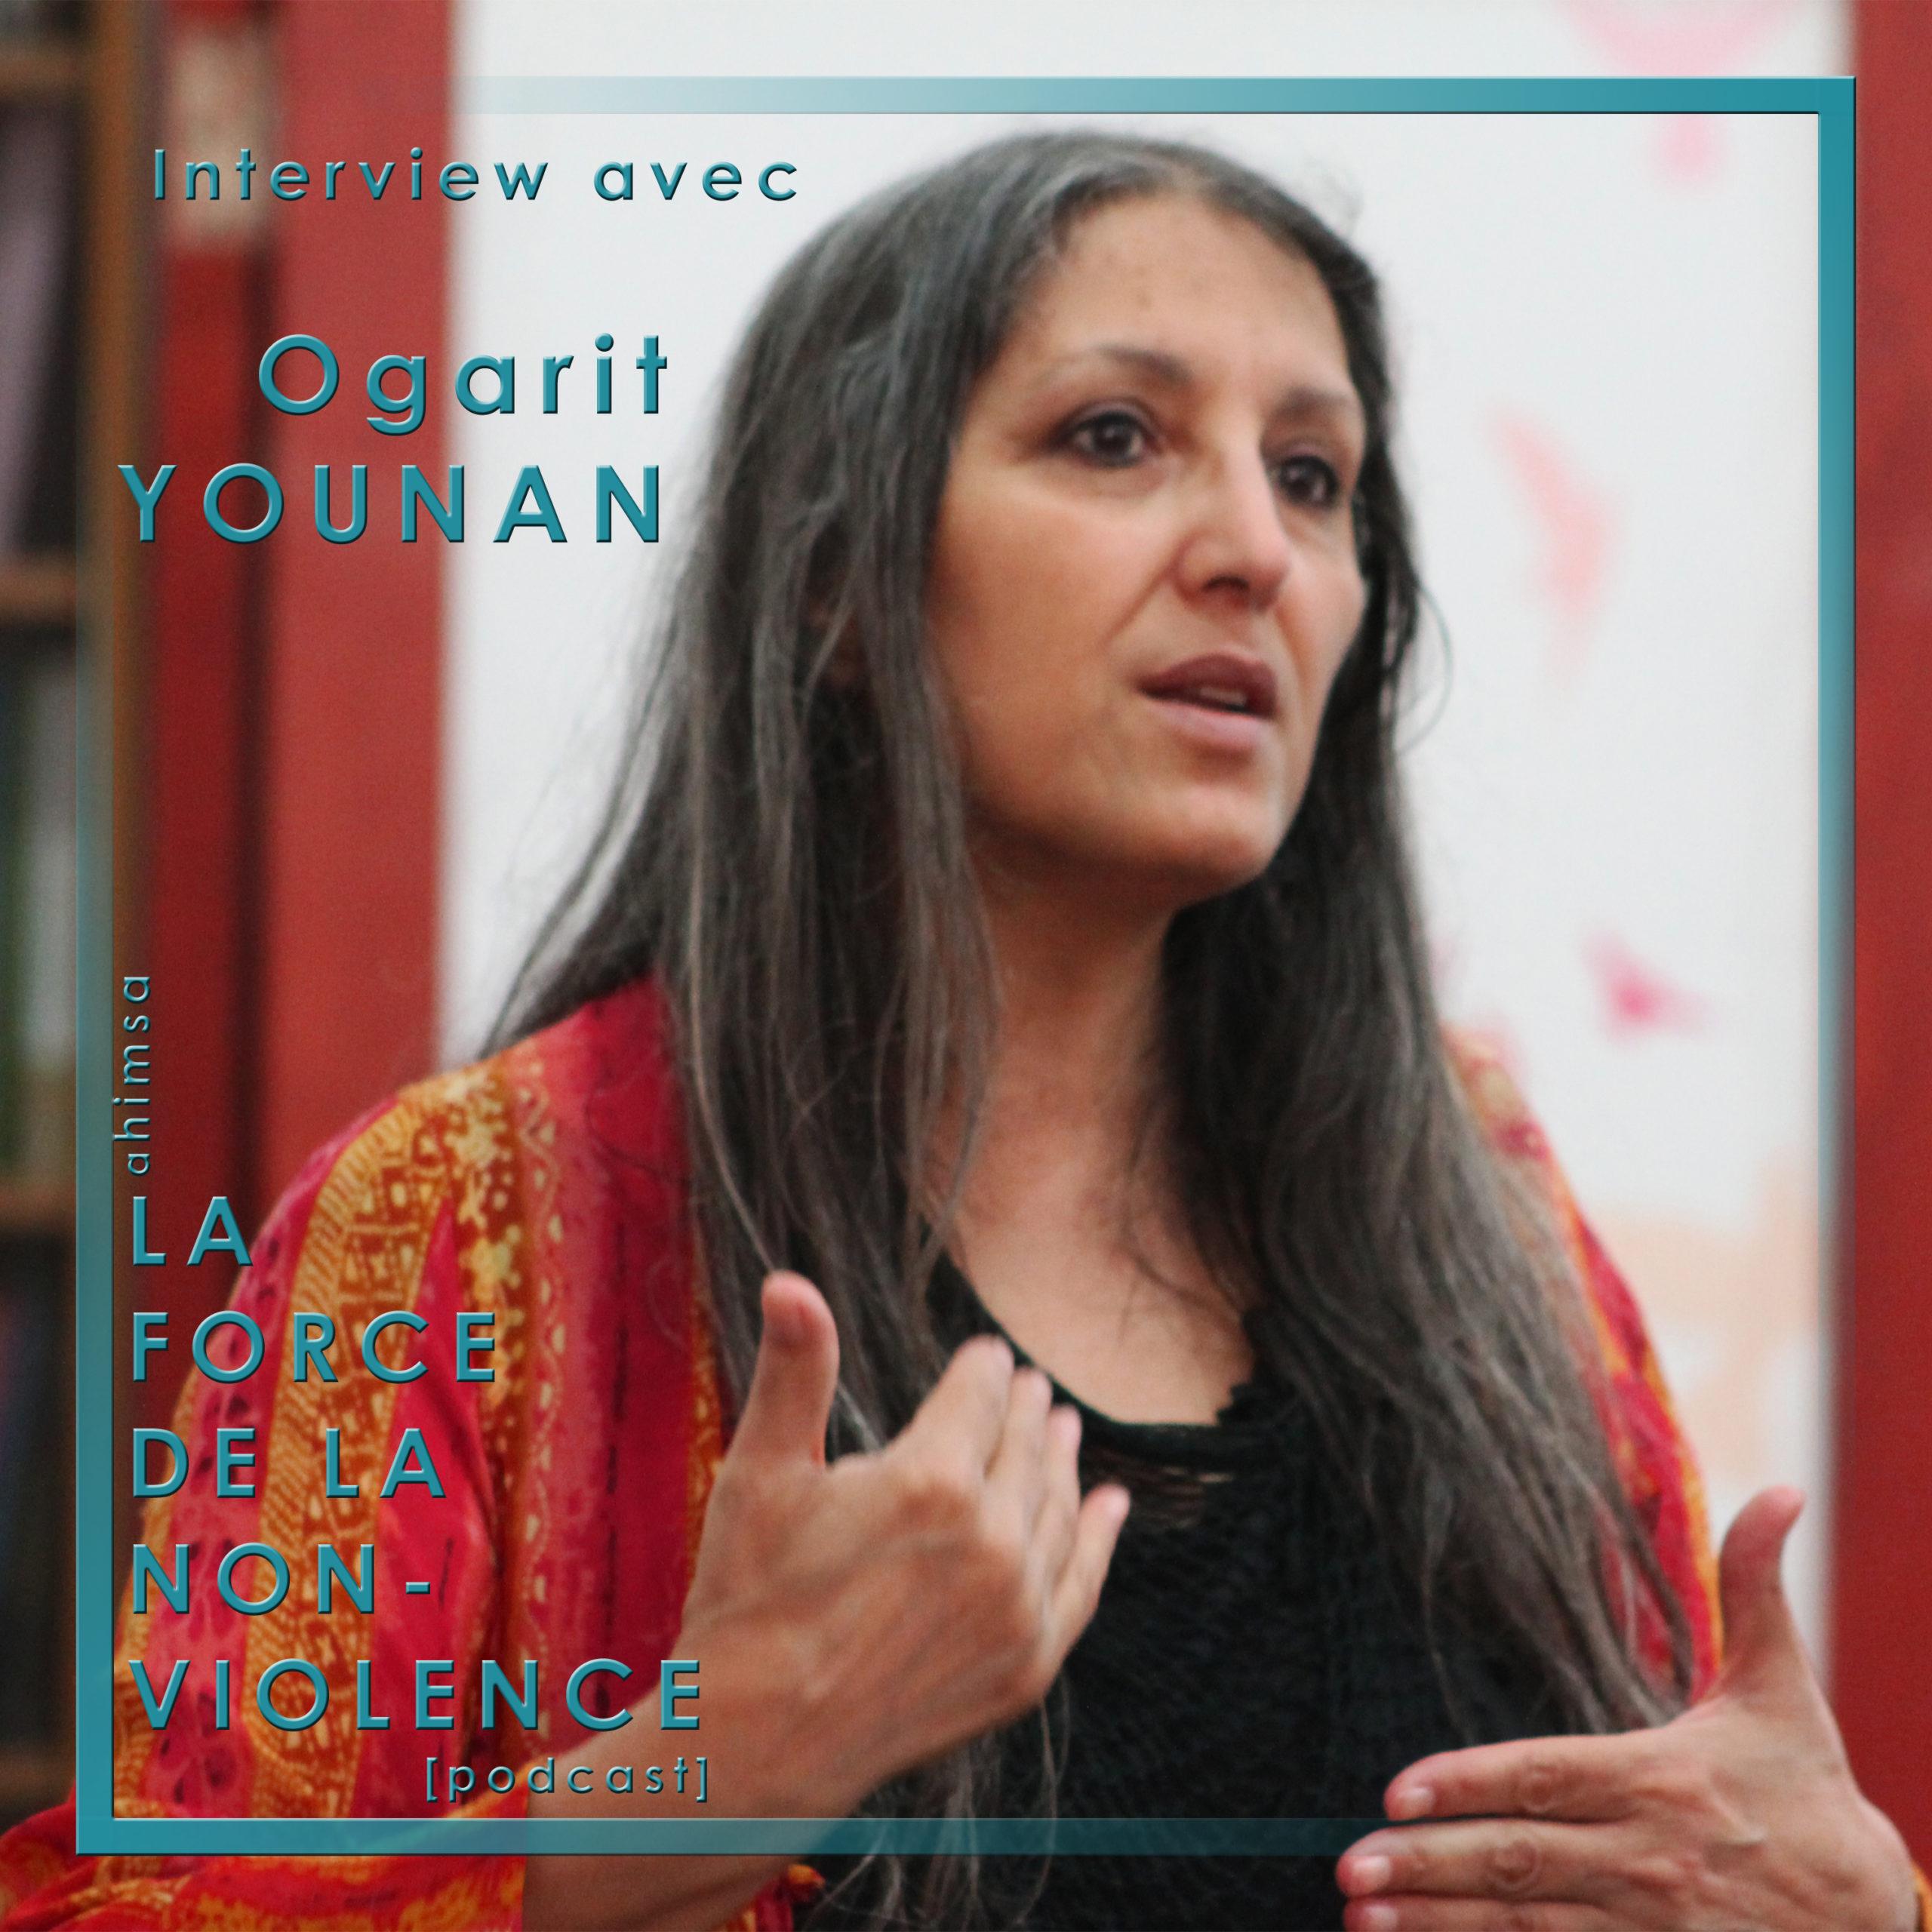 Podcast - Ogarit Younan - interview - nonviolence - Célia Grincourt - activisme - université